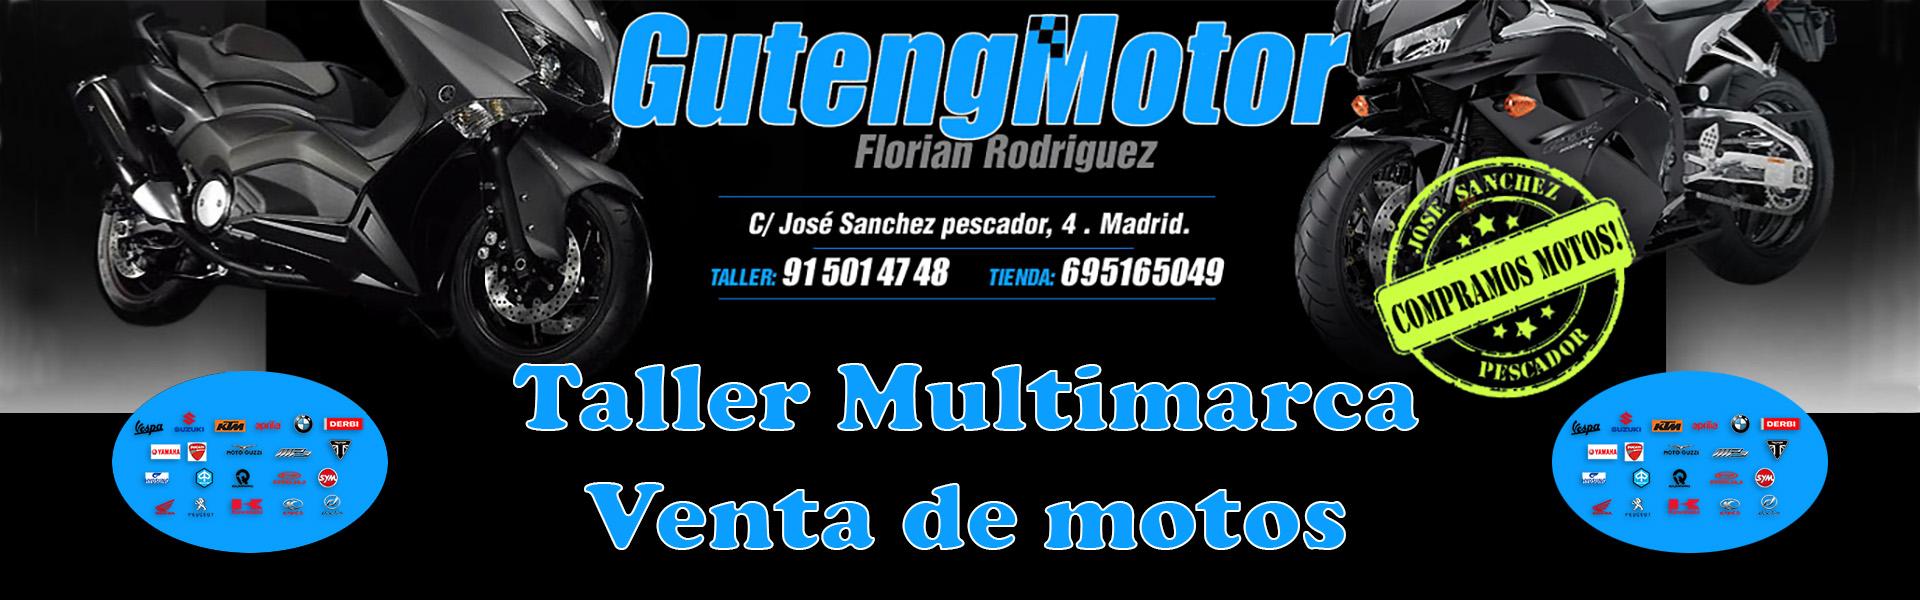 Guteng Motor taller y venta de motos en Madrid